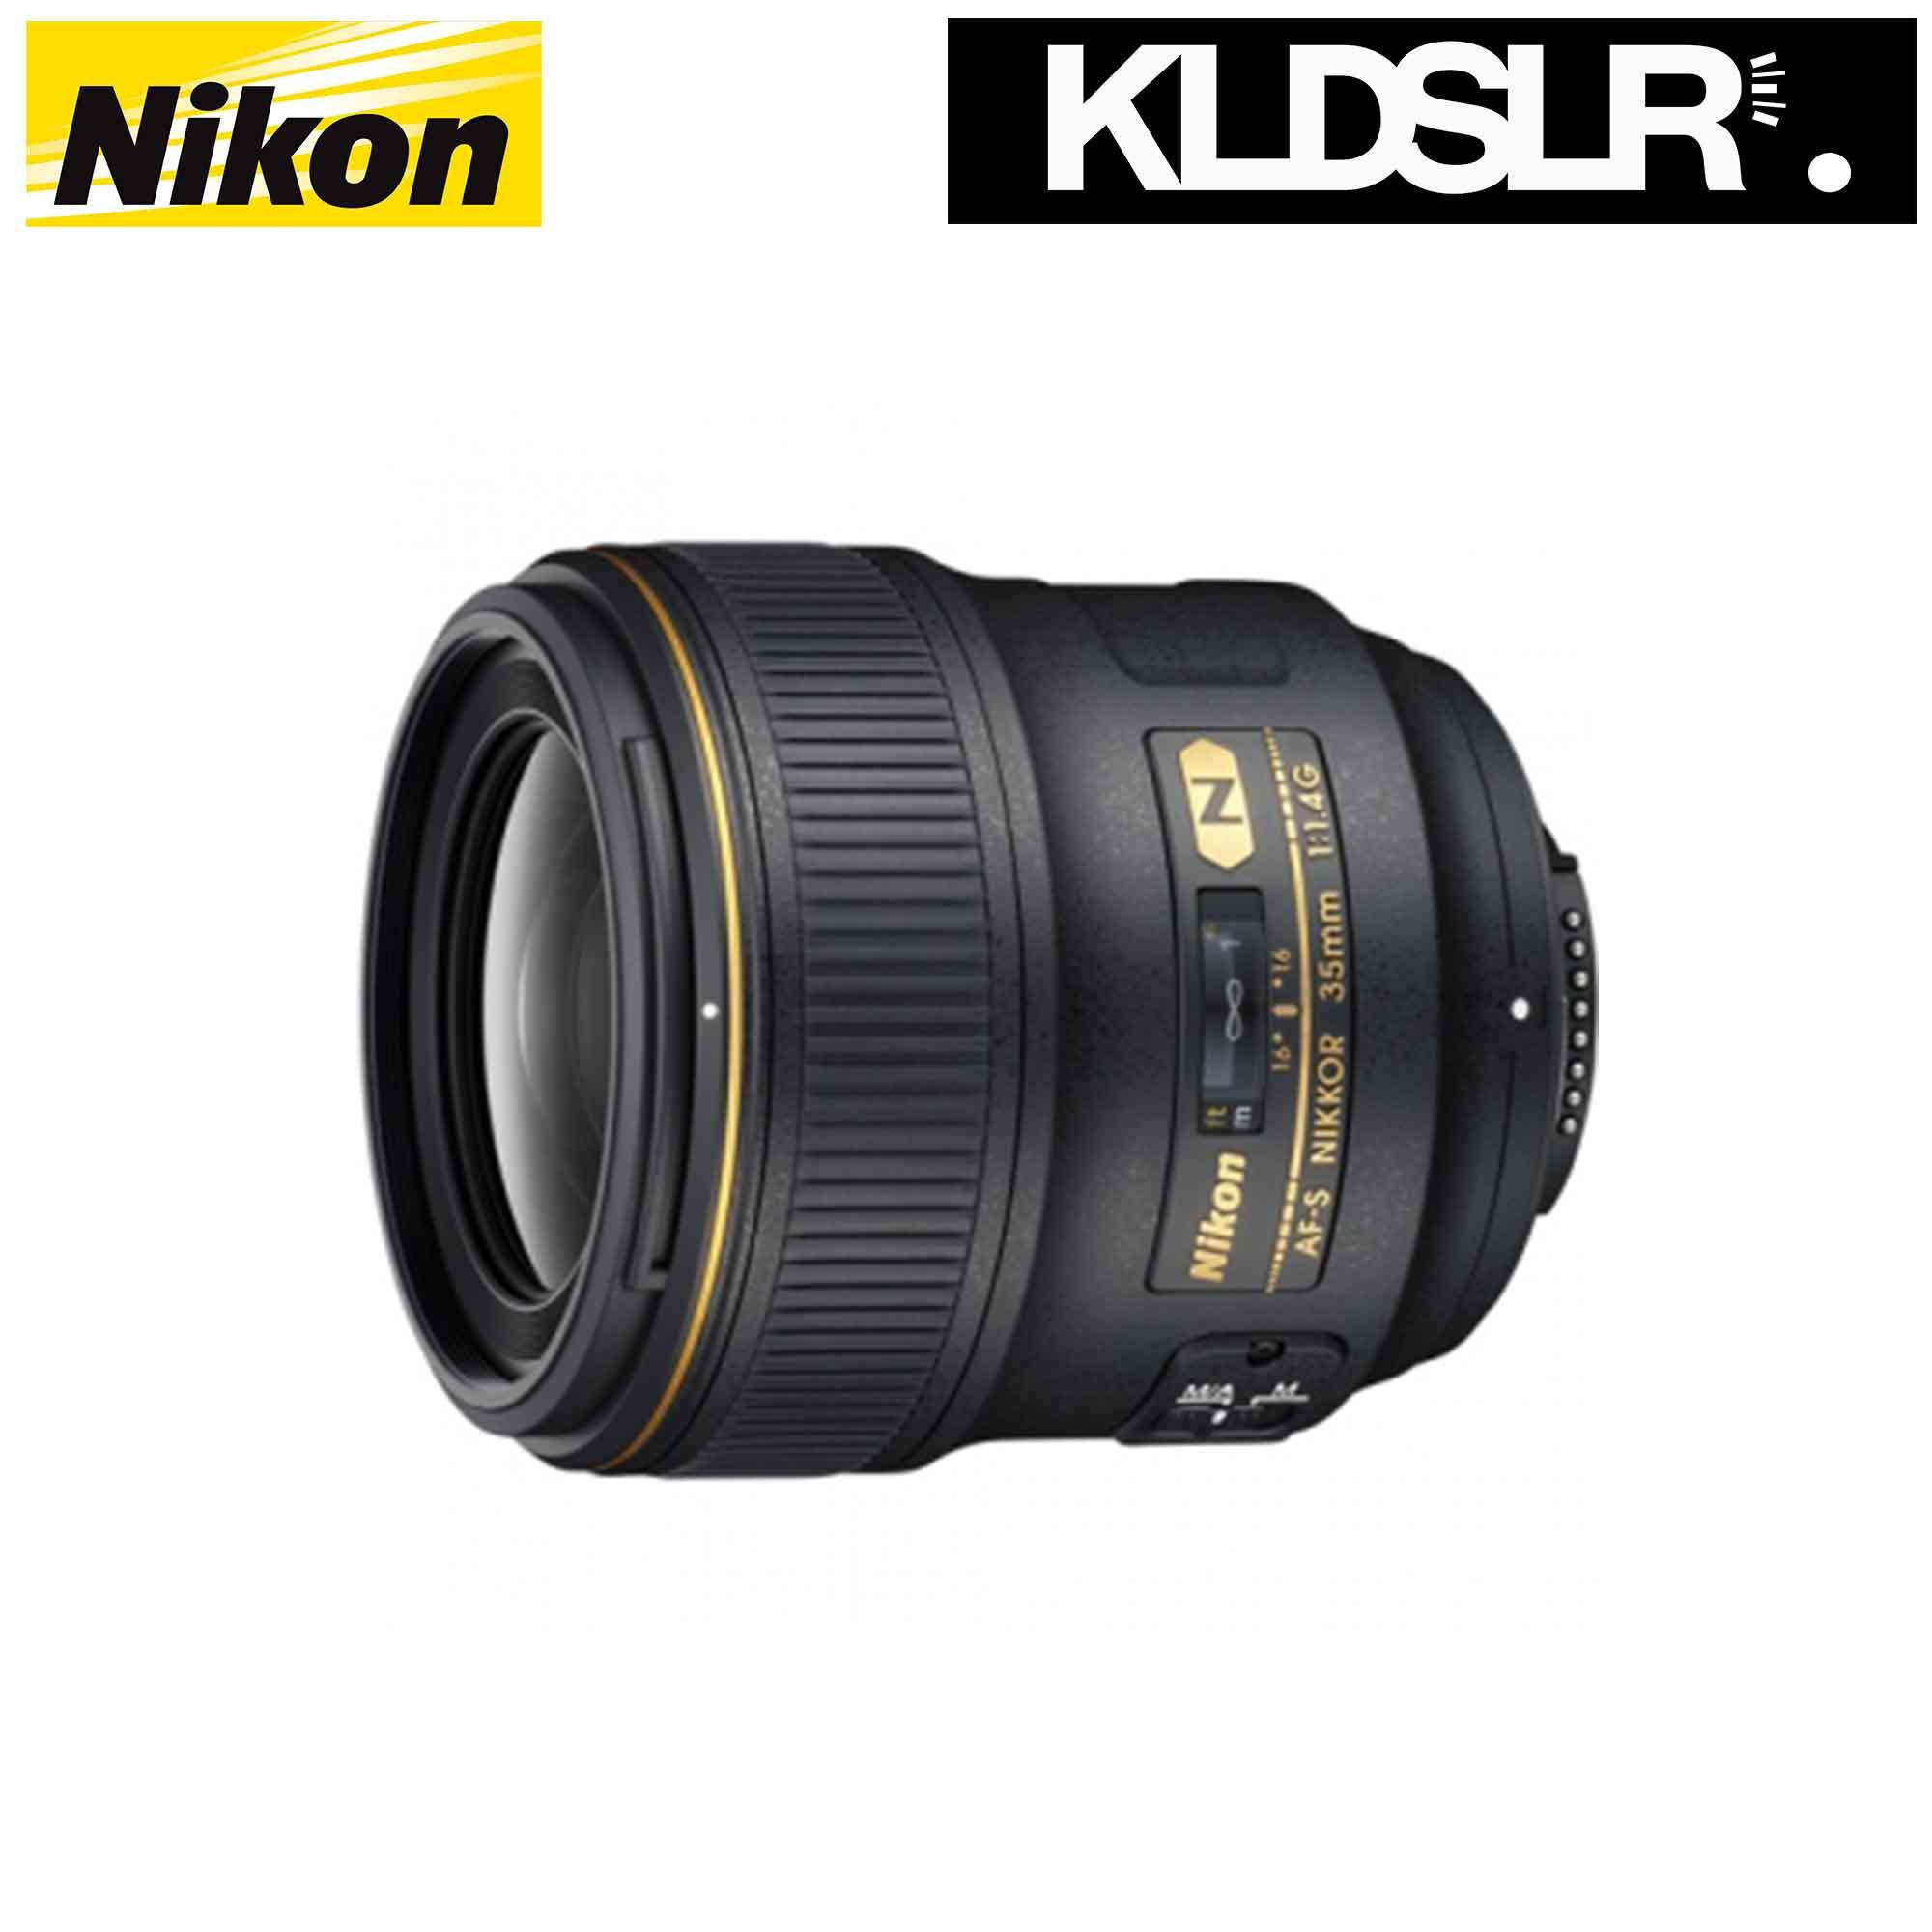 Nikon Dslr Camera Price In Malaysia 2018